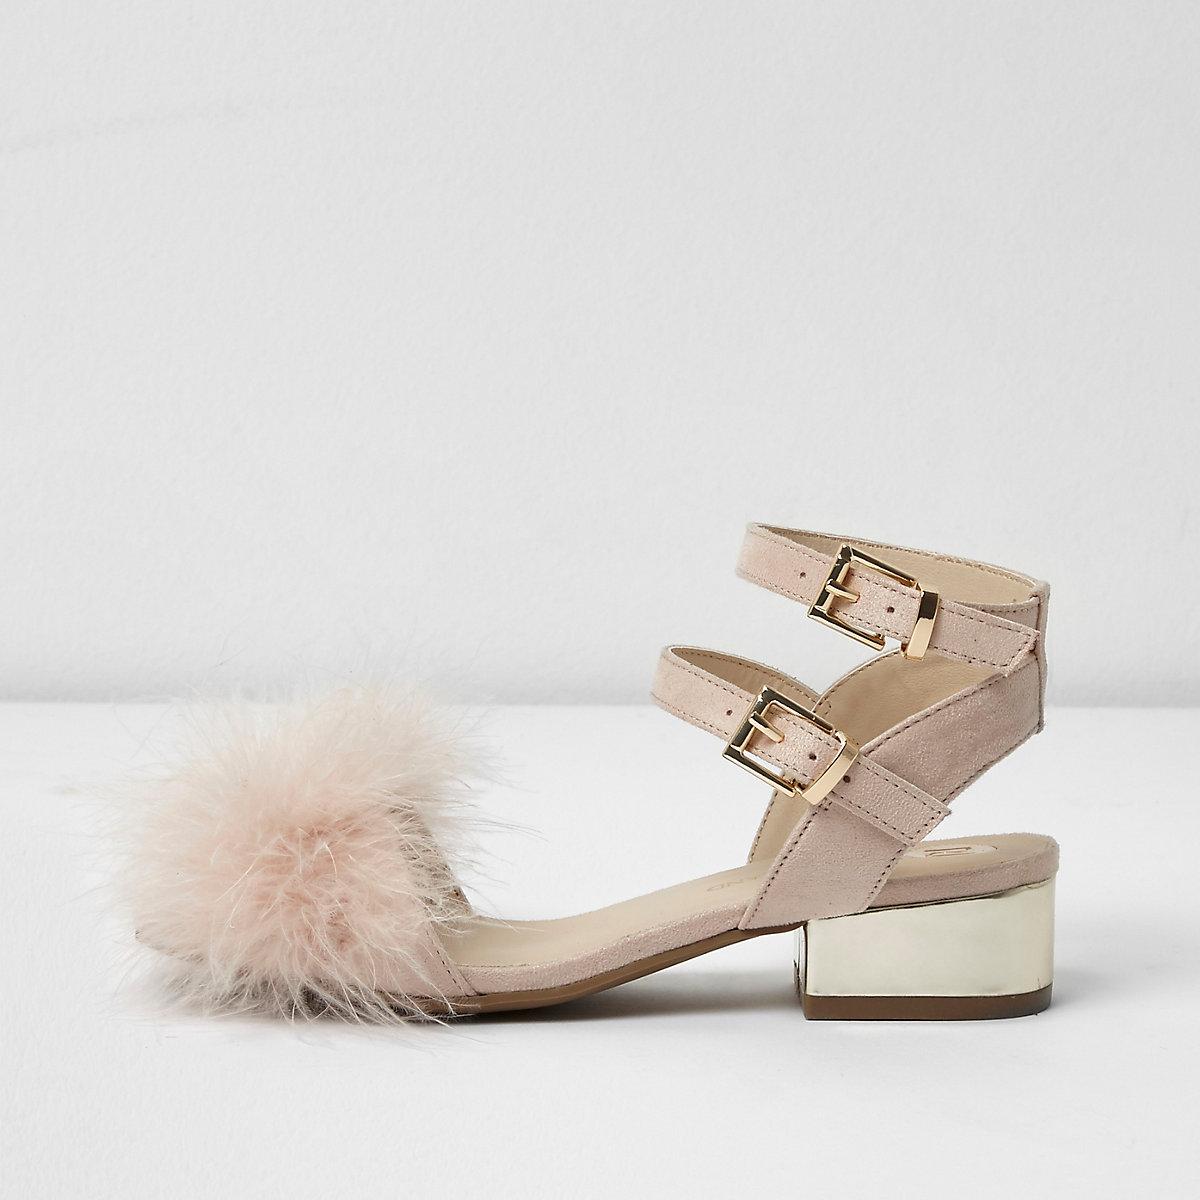 311378e5d25 Girls pink feather front block heel sandals - Sandals - Footwear - girls